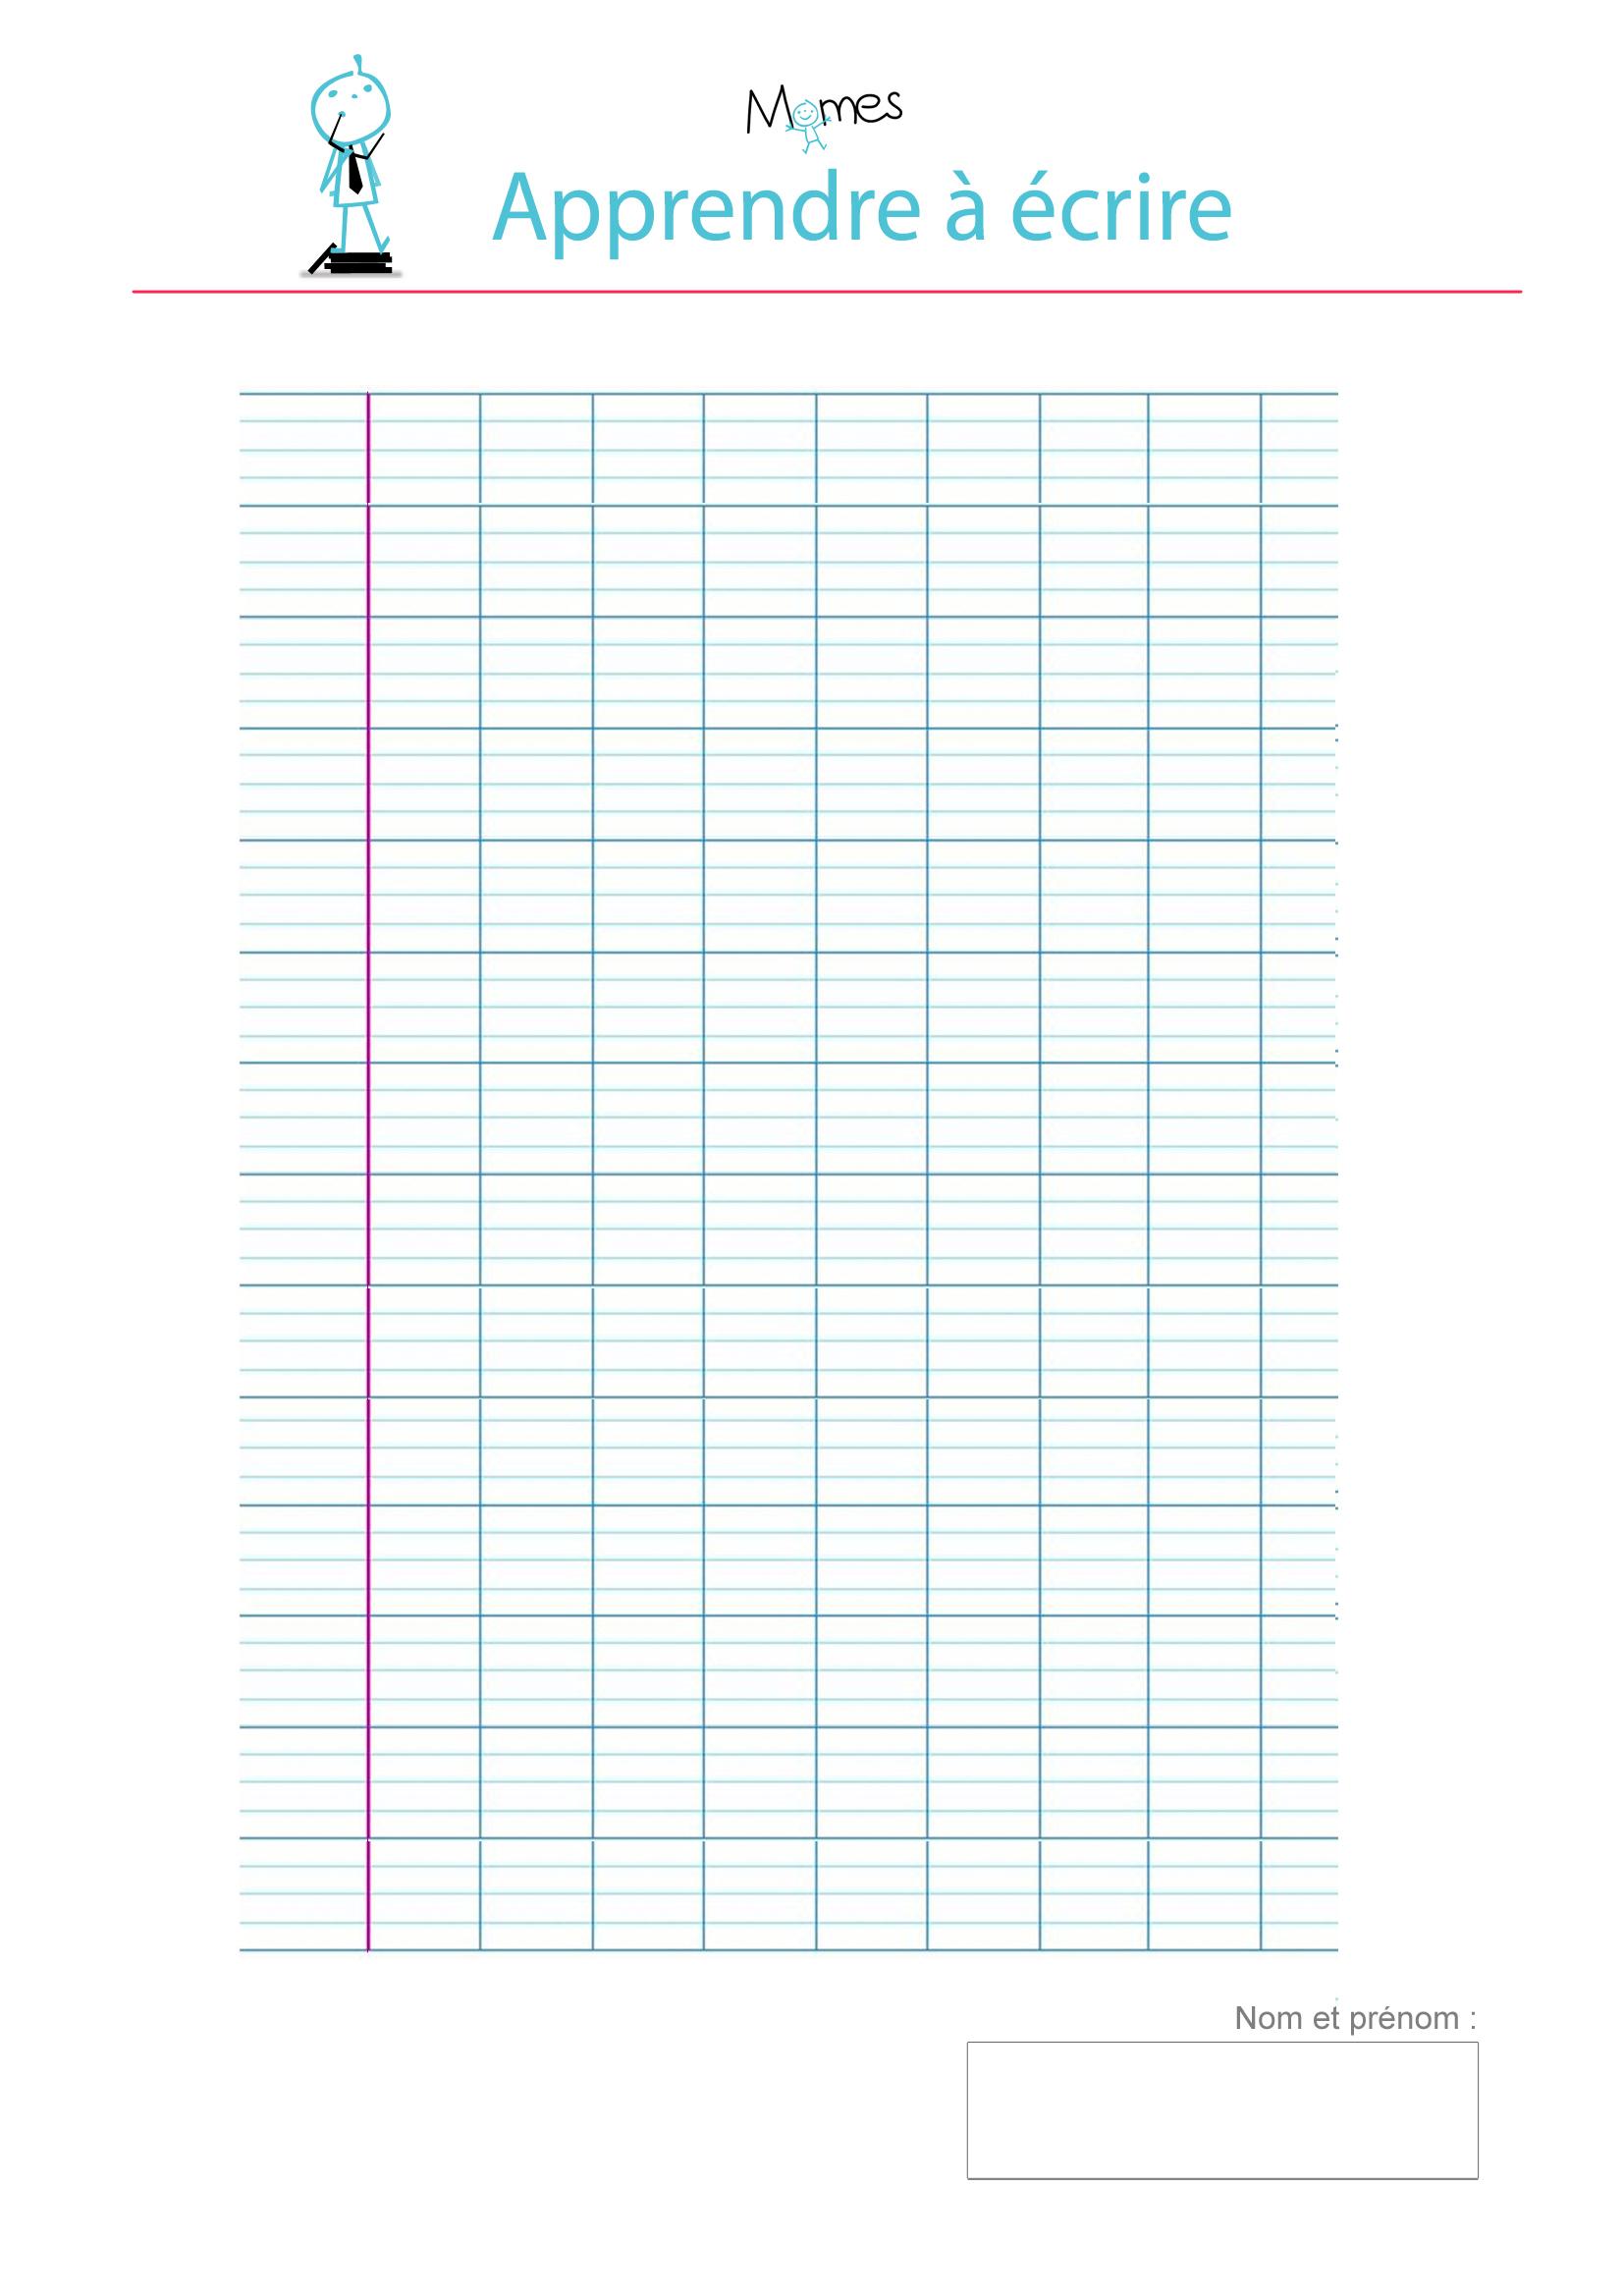 Modèle De Lignes Cursives Vierge À Imprimer - Momes intérieur Fiche D Ecriture Pour Maternelle A Imprimer